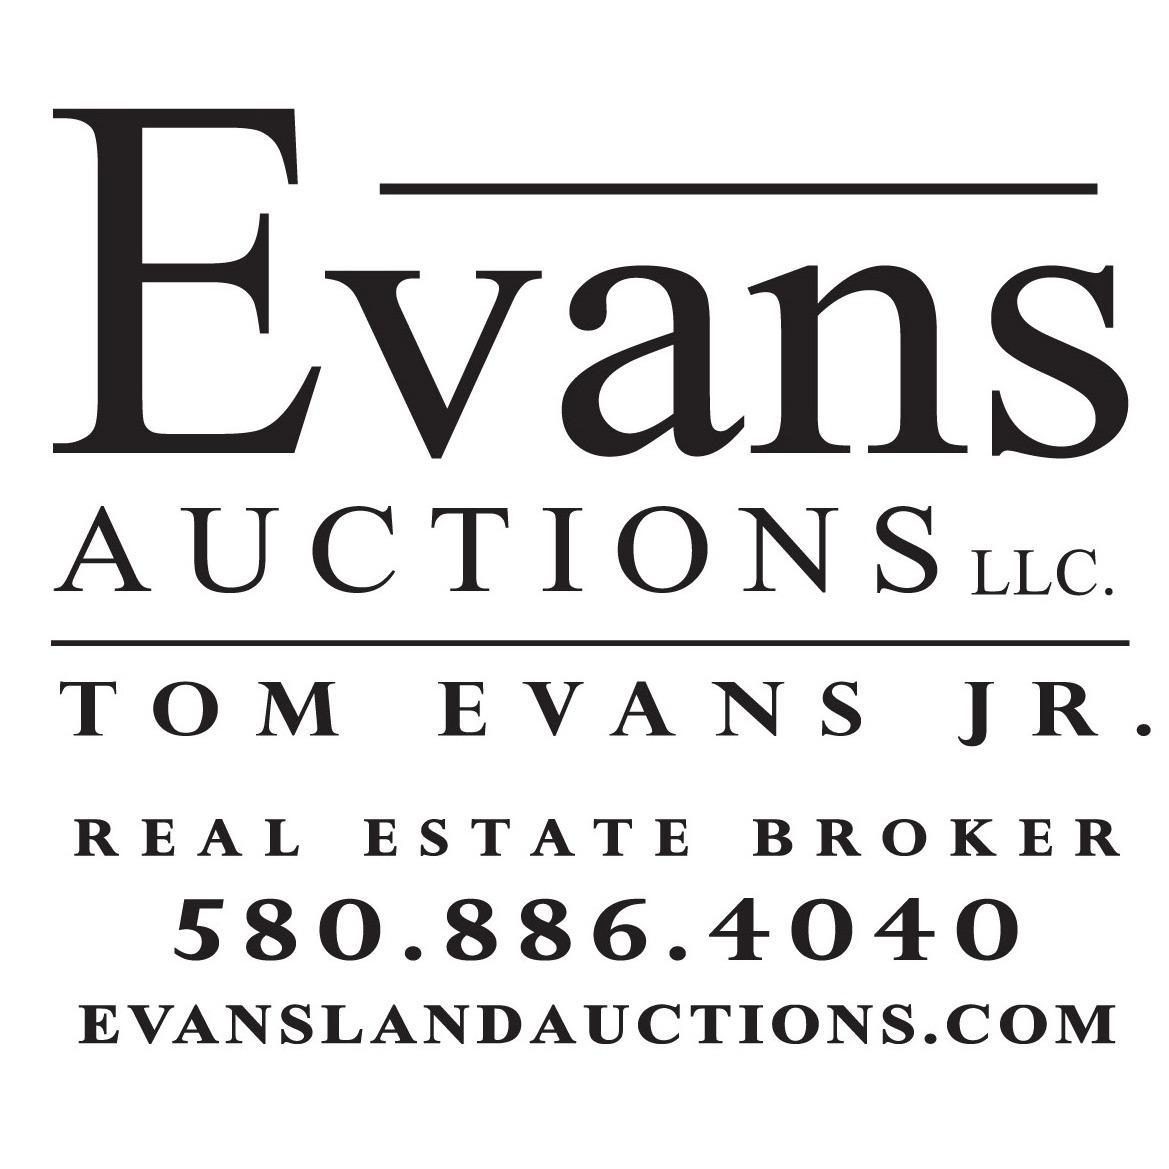 Evans Auctions